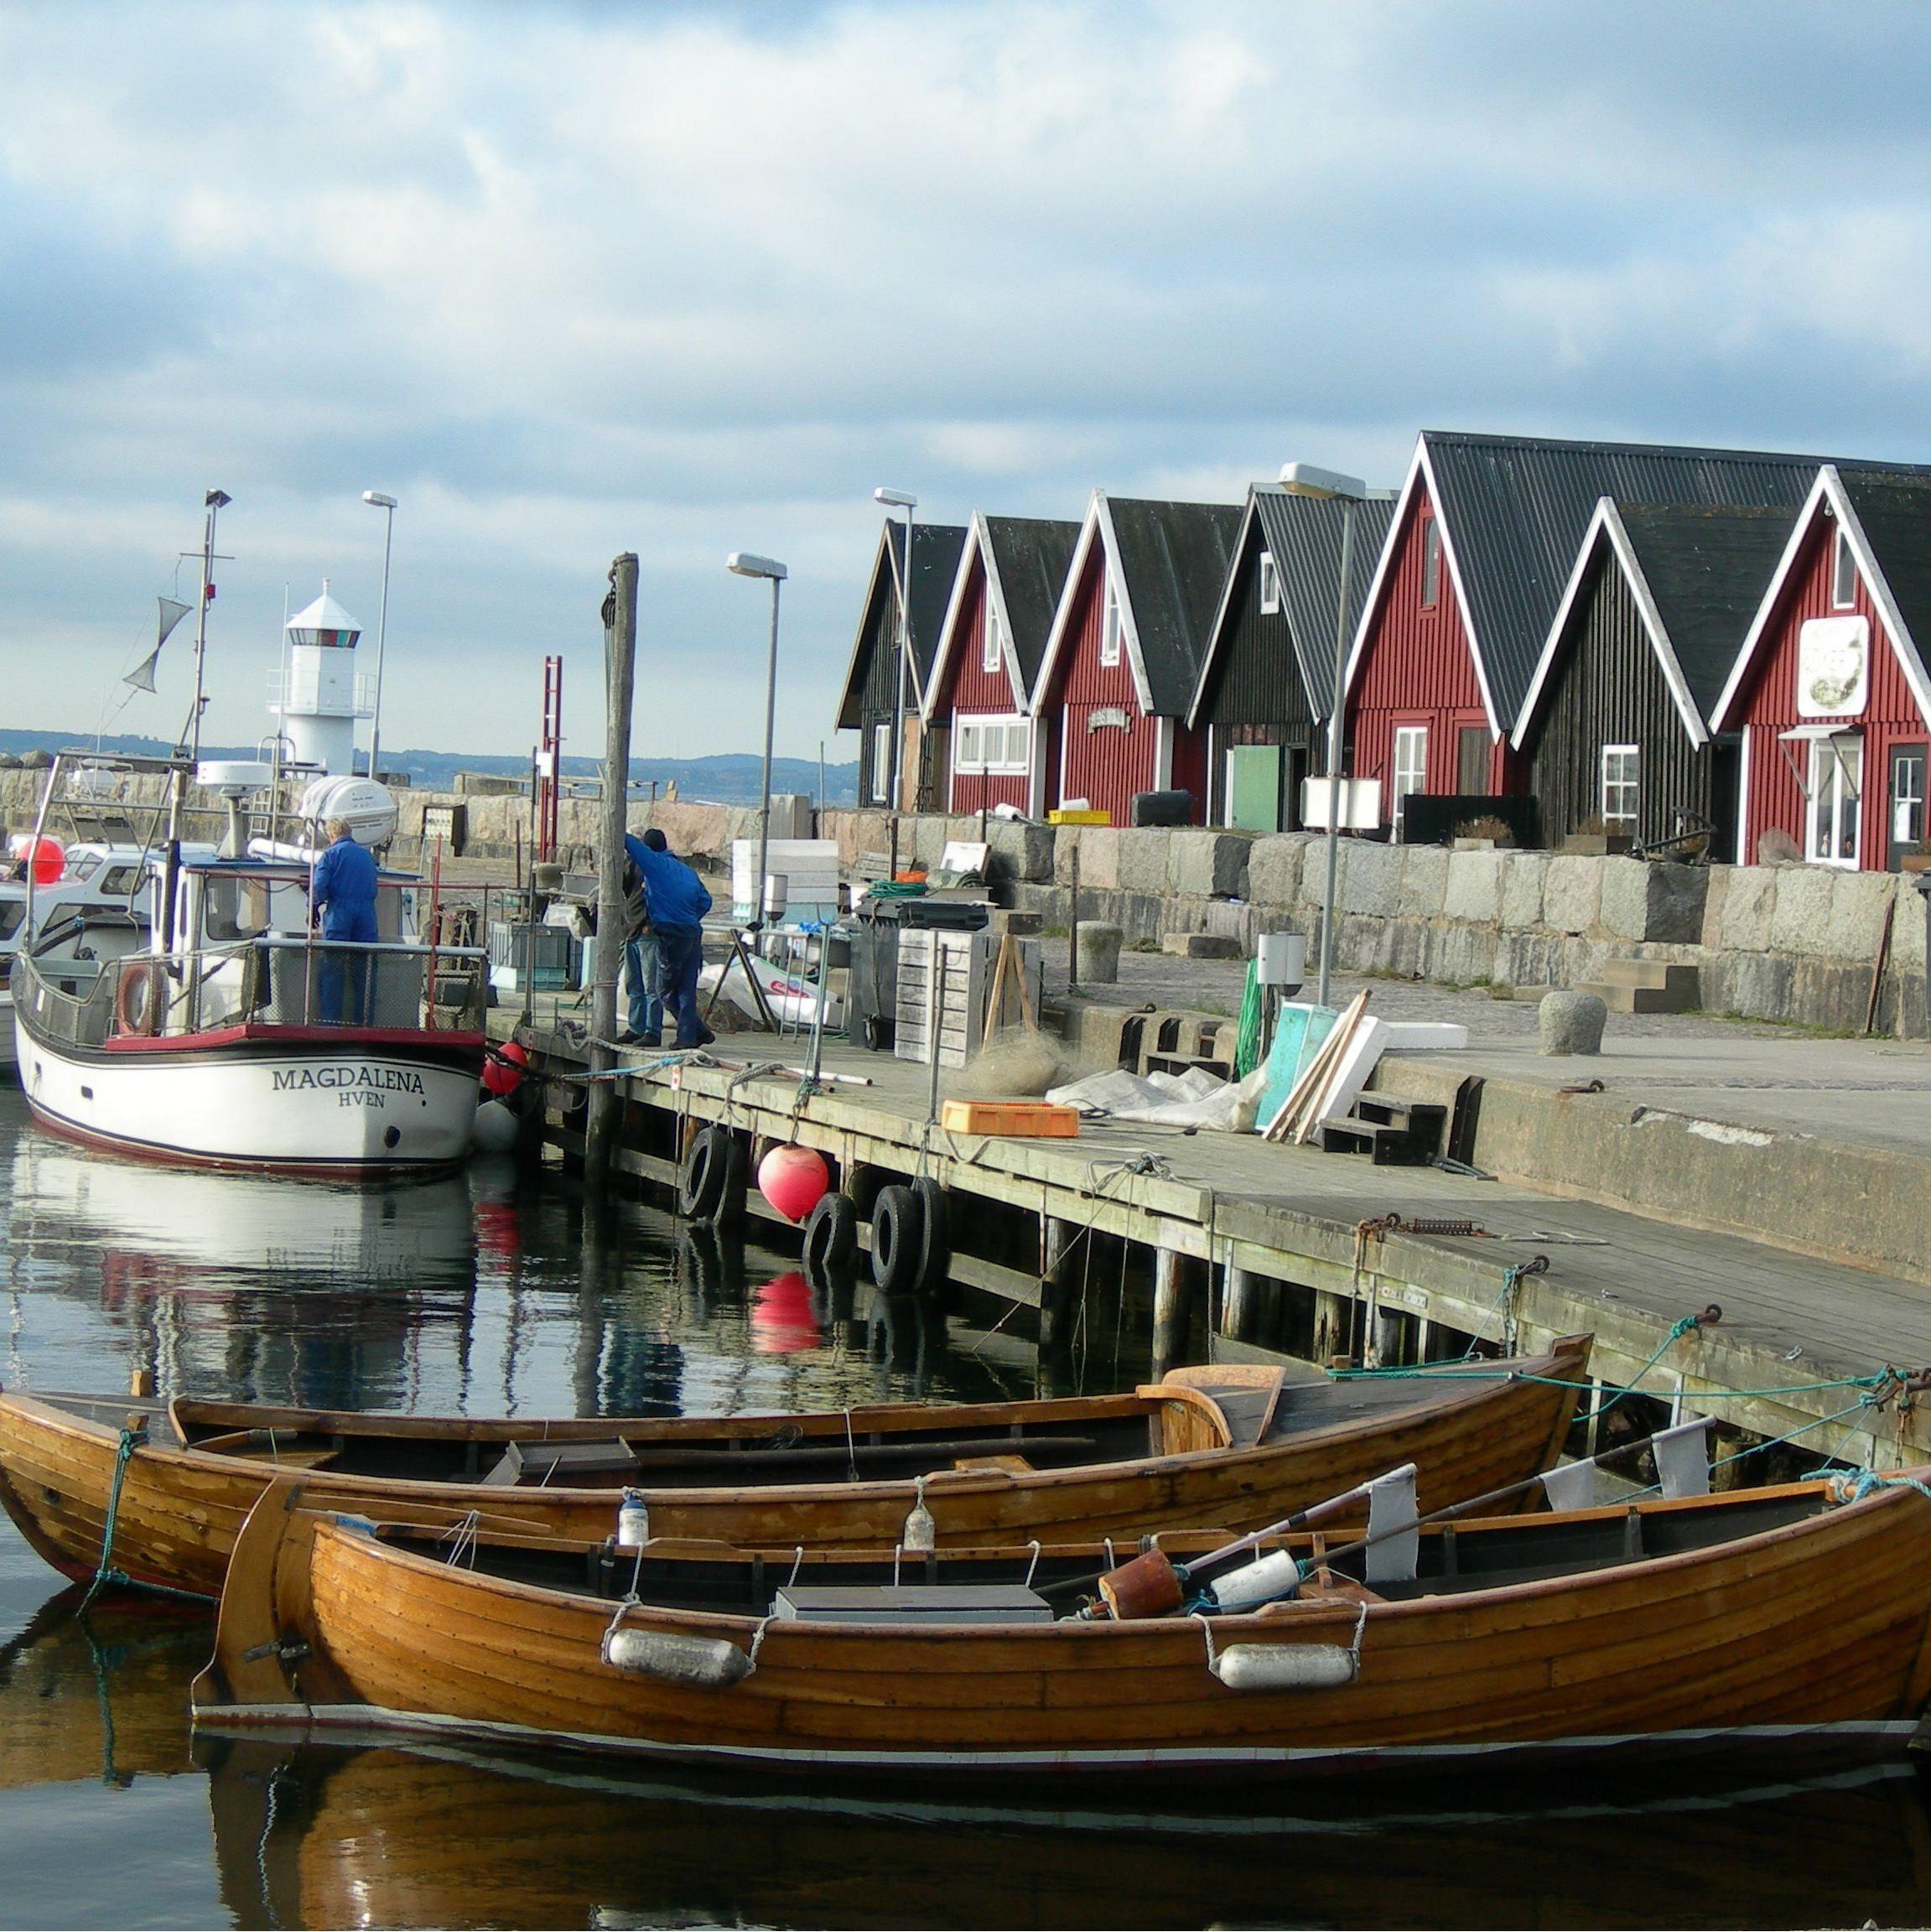 Foto: Turistbyrån Landskrona - Ven, Kyrkbacken guest marina